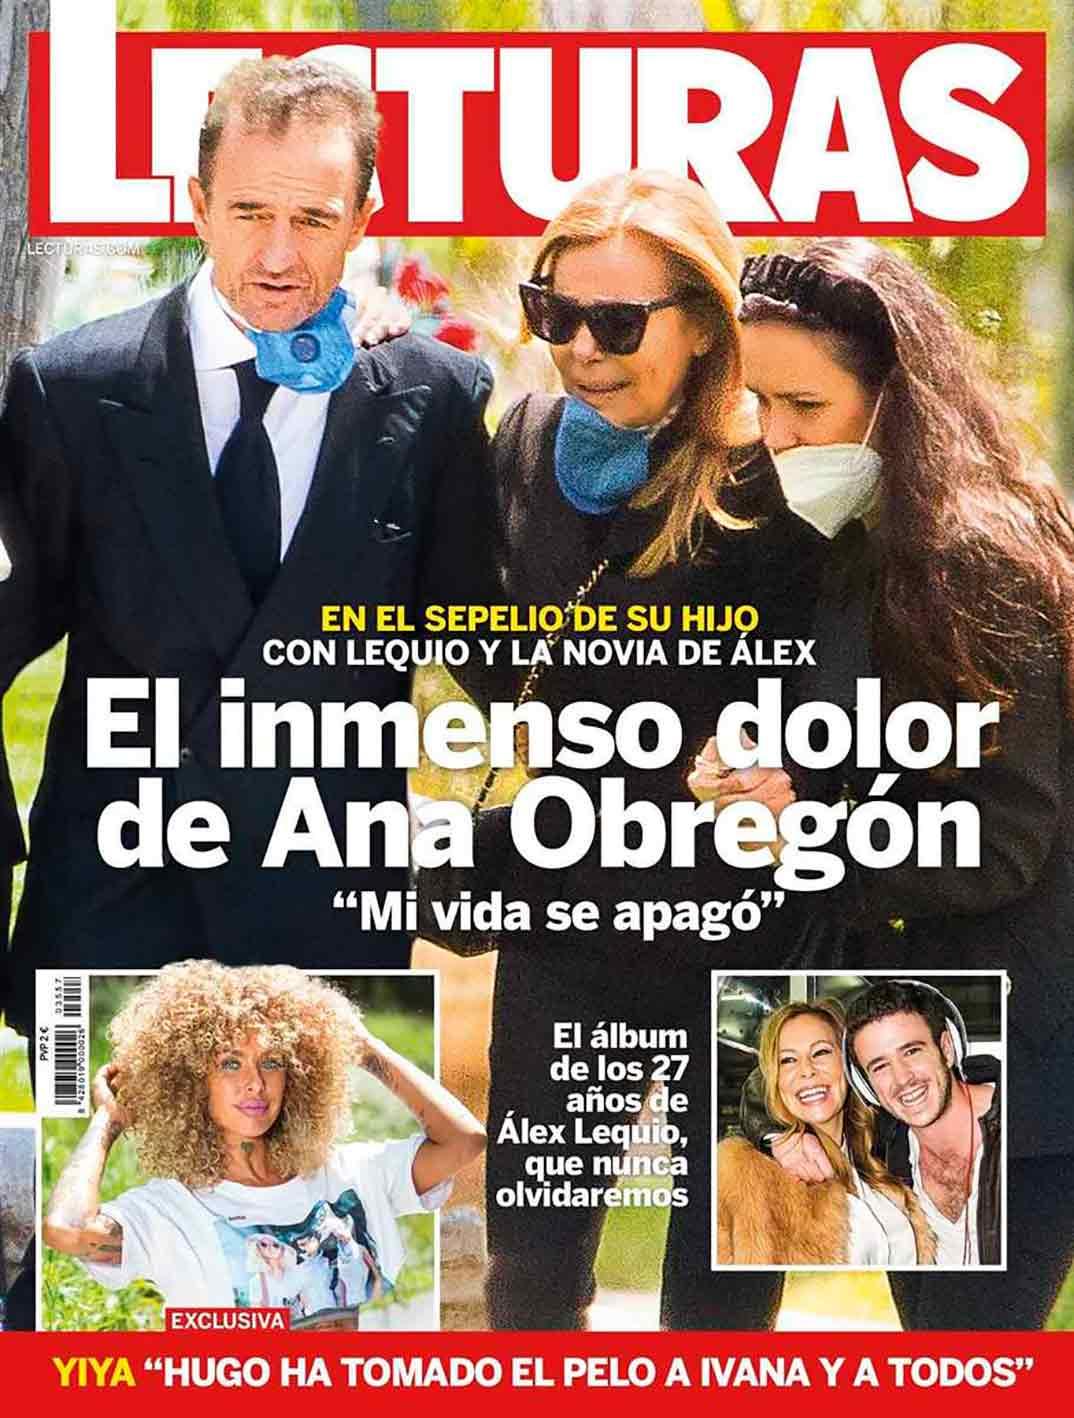 Ana Obregón Alessandro Lequio - Entierro Alex Lequio - Lecturas